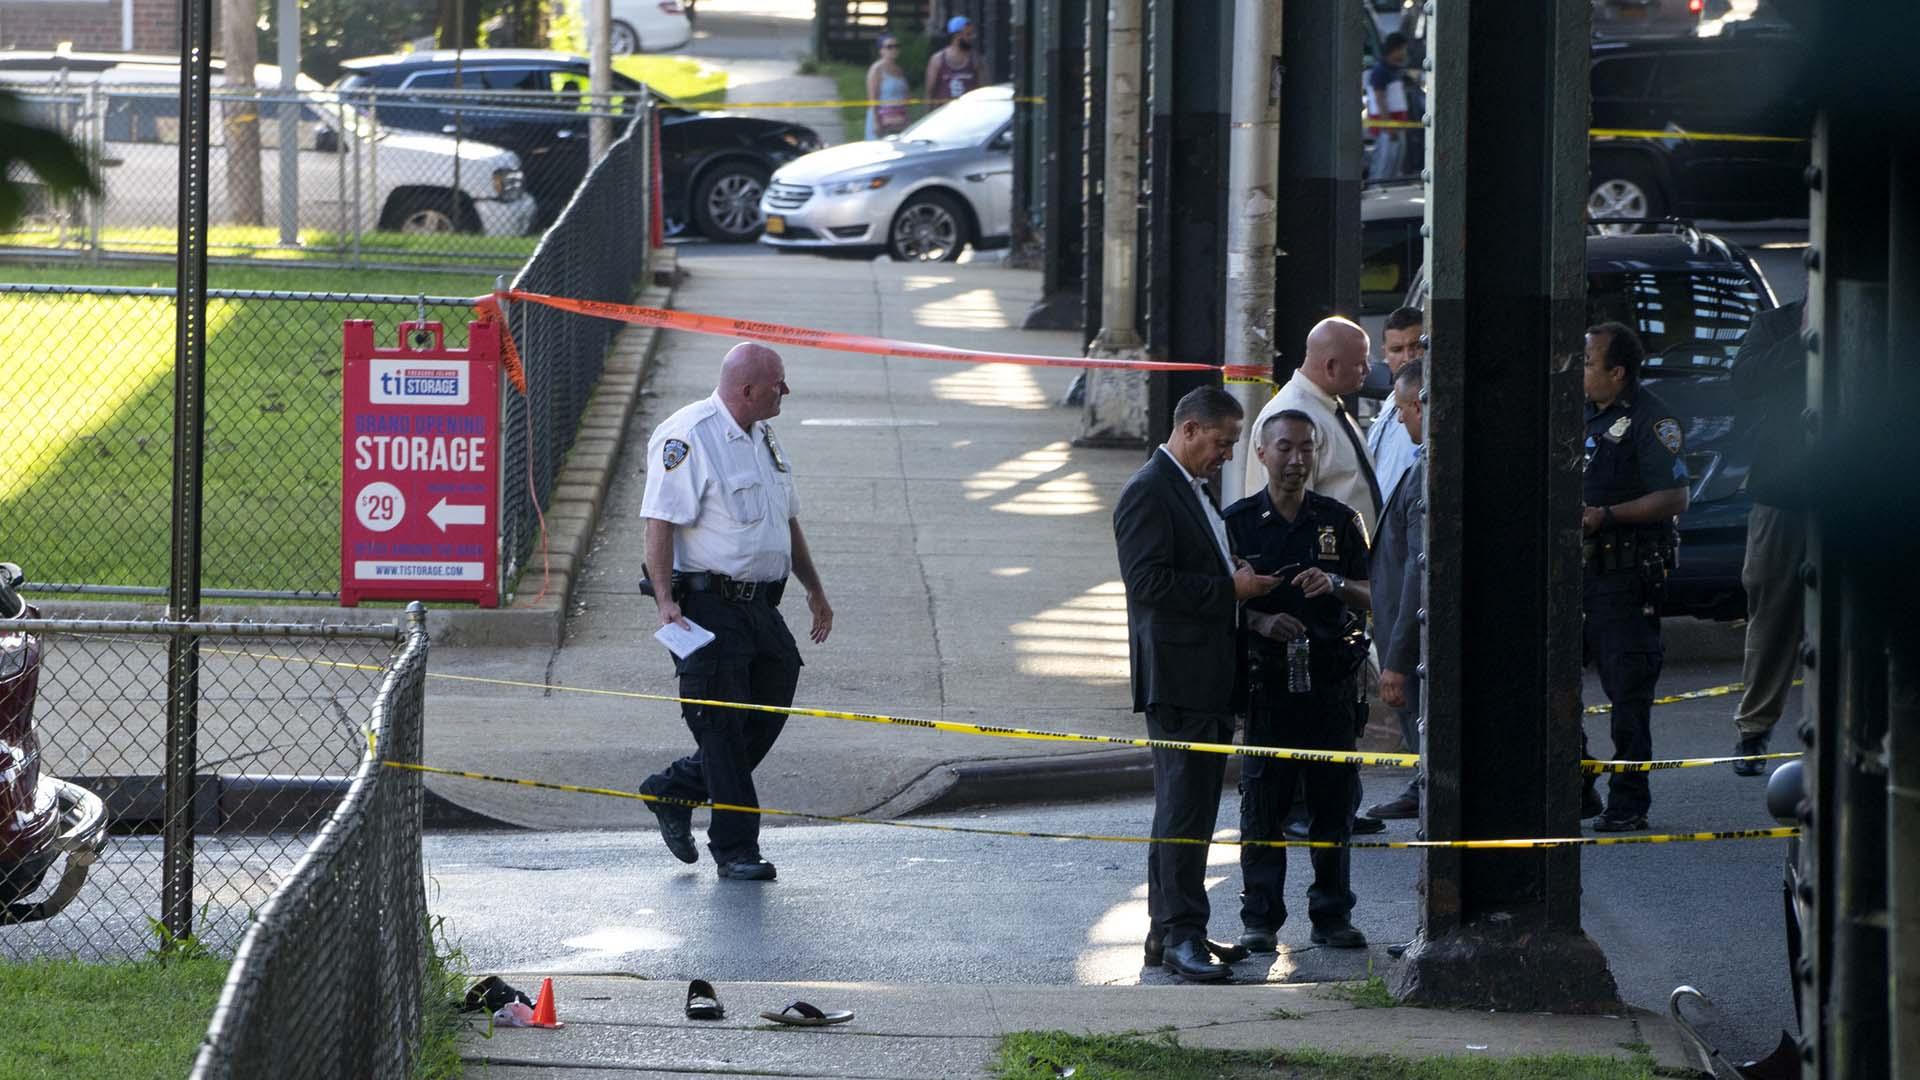 El religioso islamita recibió un disparo en la cabeza cuando se dirigía a su casa cercana a la mezquita de Queens